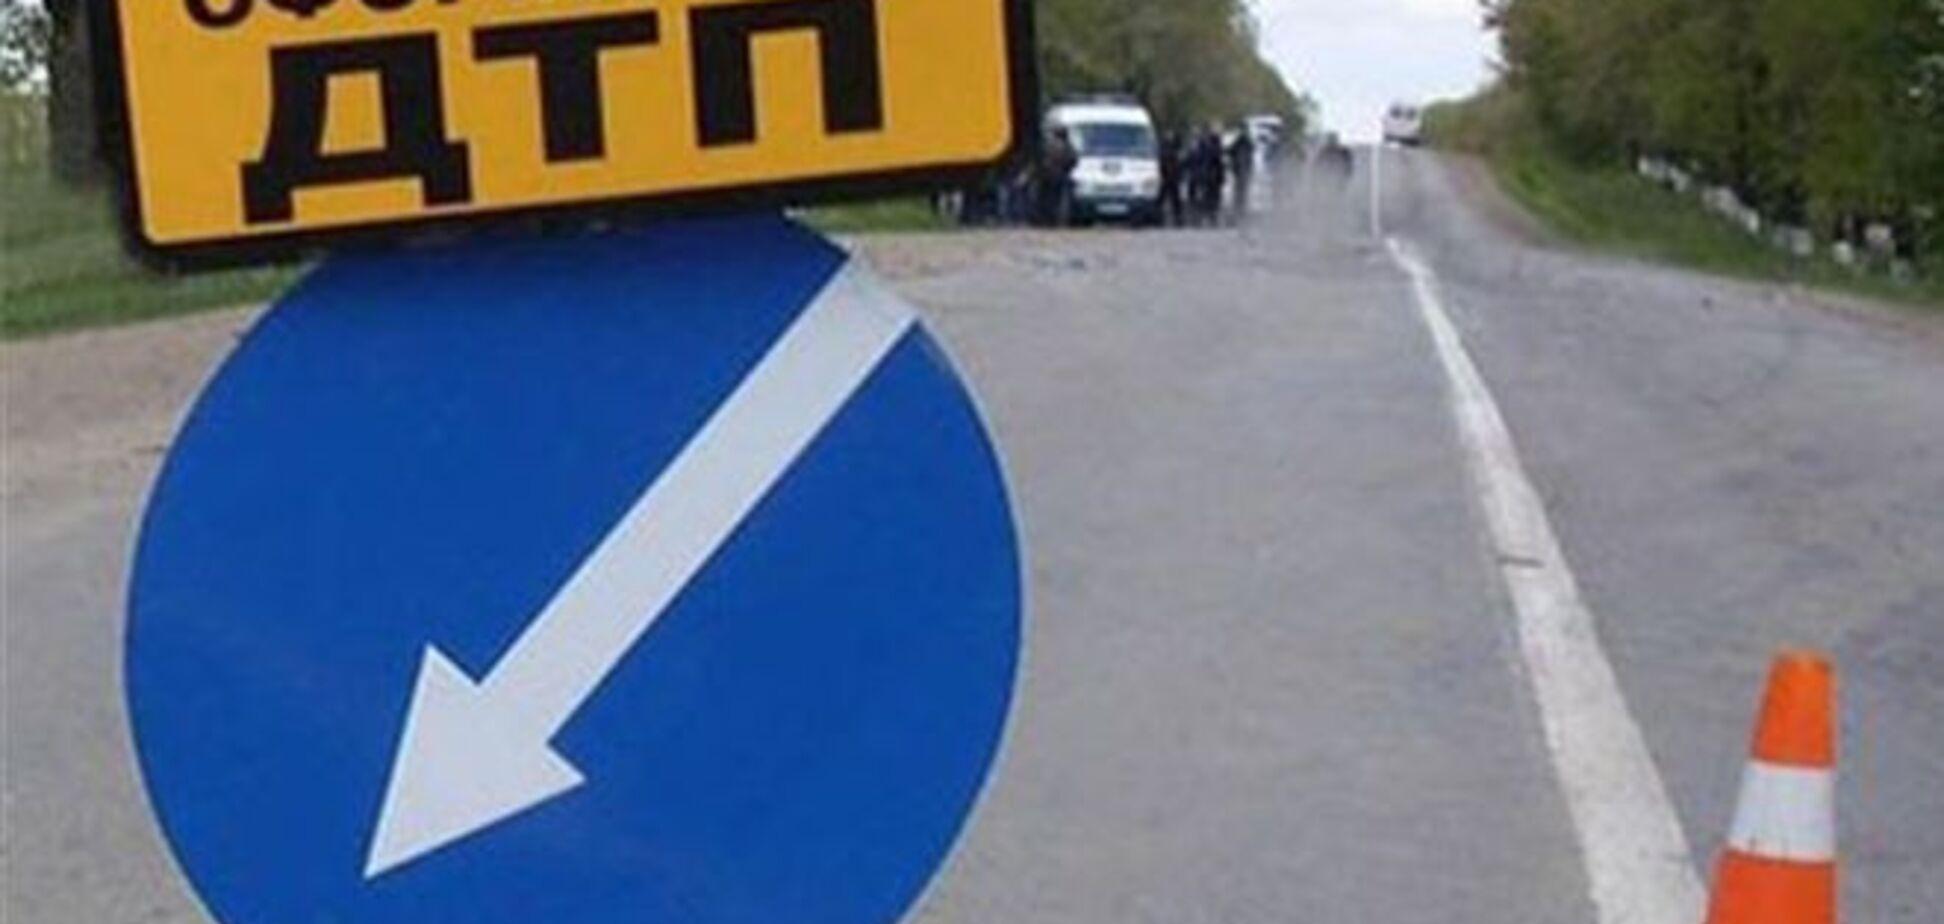 ВР отказалась пожизненно лишать прав за вождение в пьяном виде